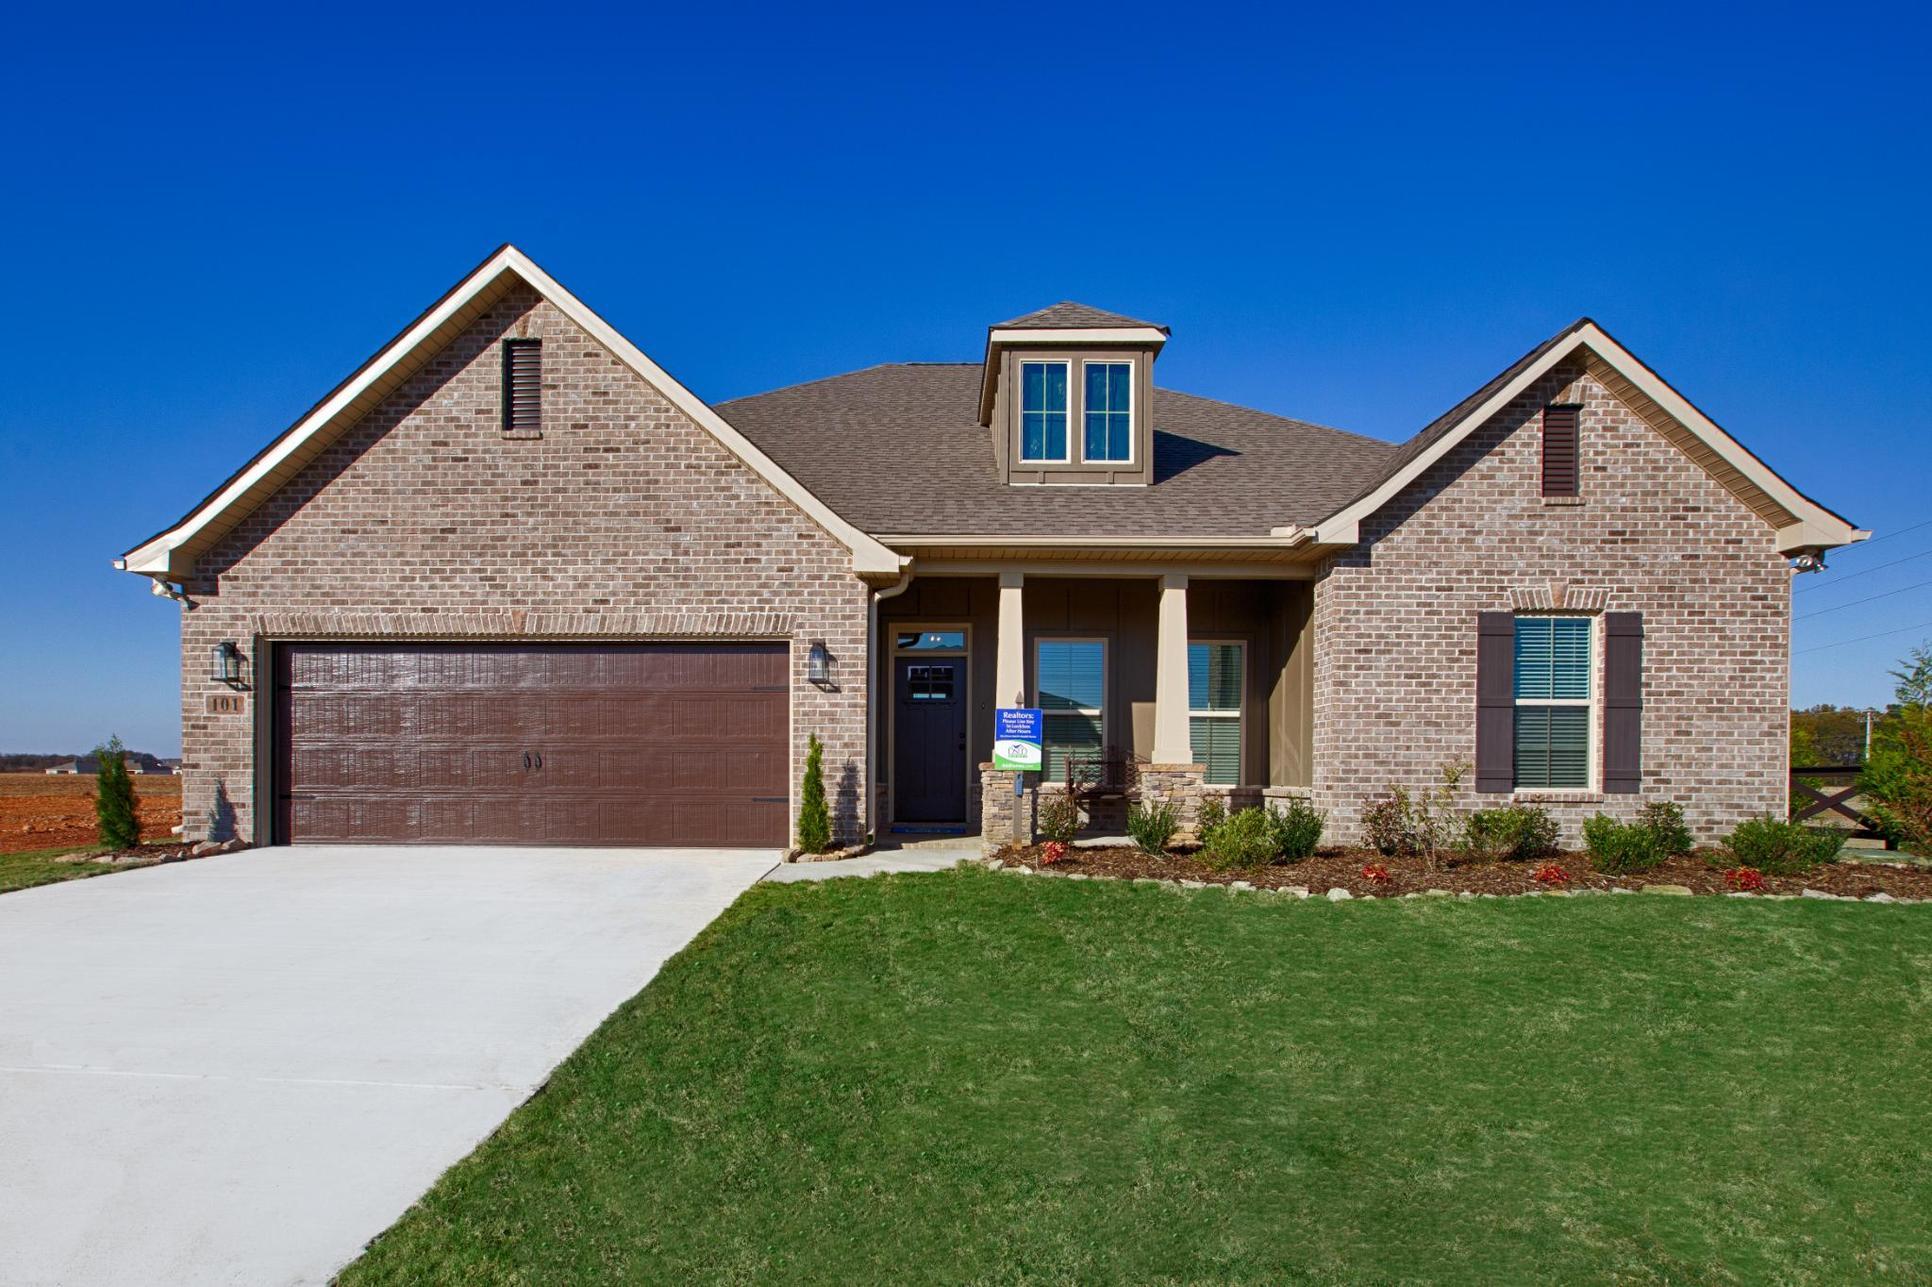 Parkside - Colebrook II A - DSLD Homes - Meridianville, AL - Model Home Exterior